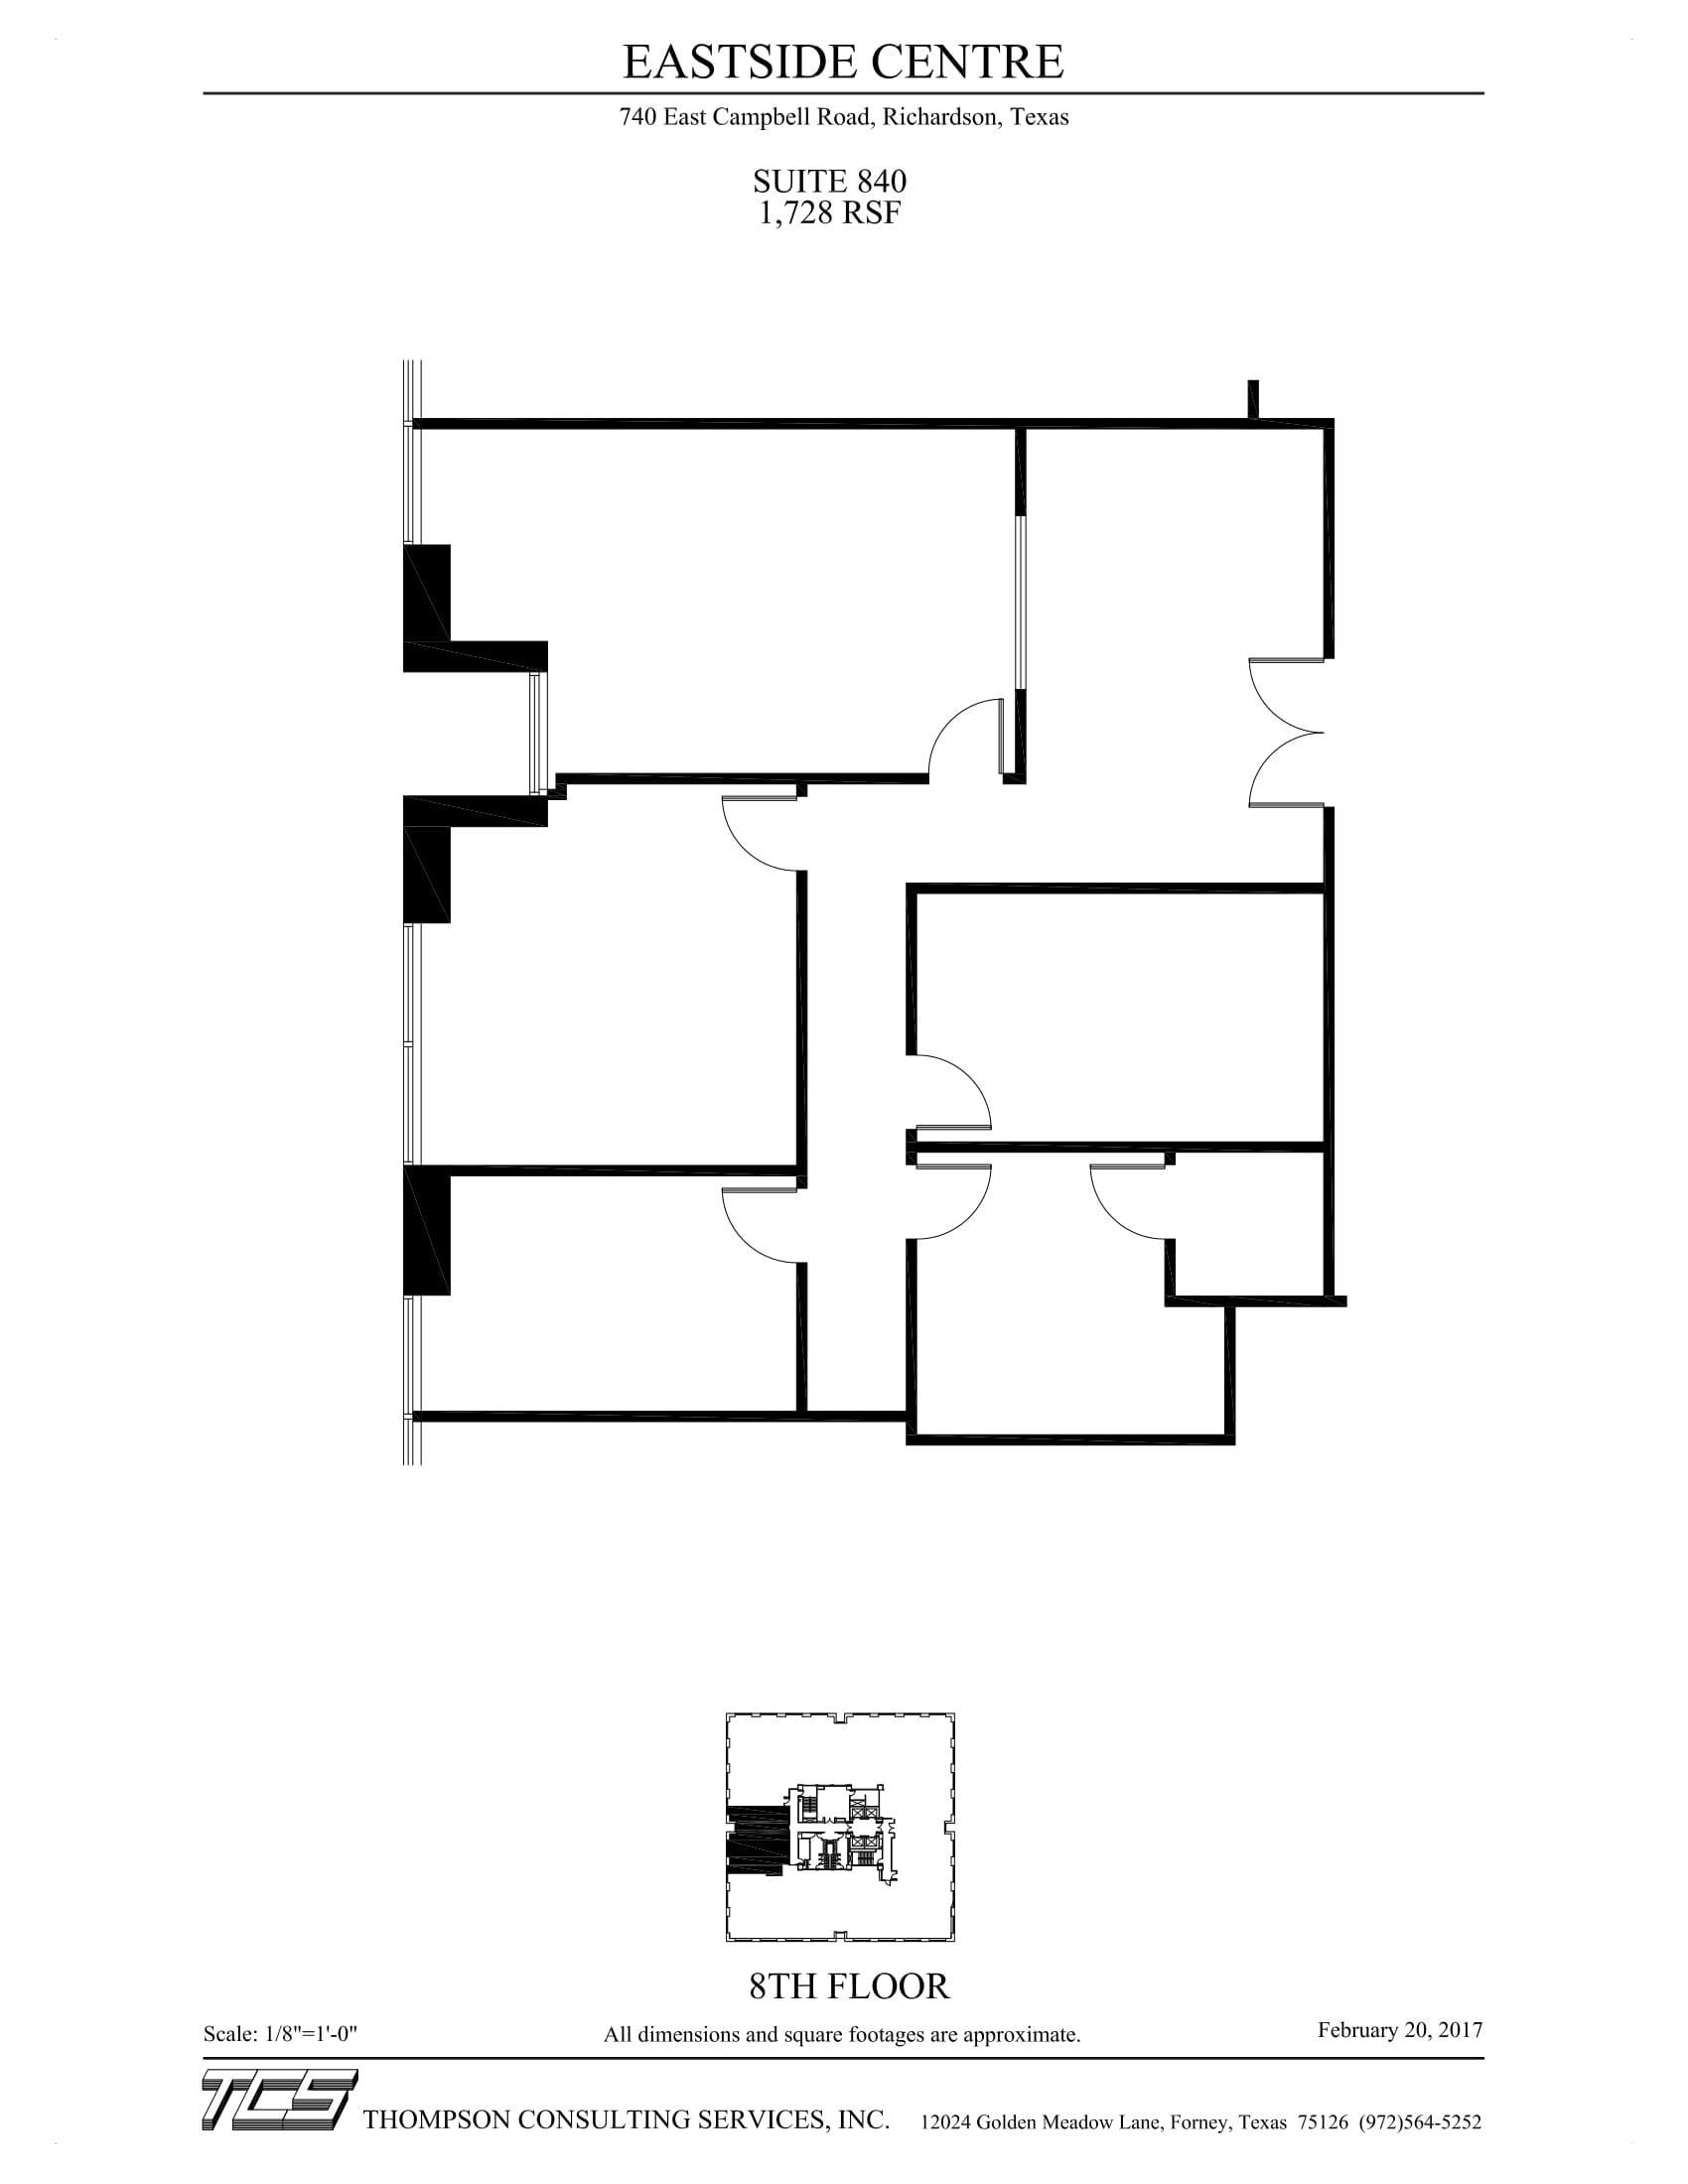 Eastside Centre - Suite 840 - As-Built-1